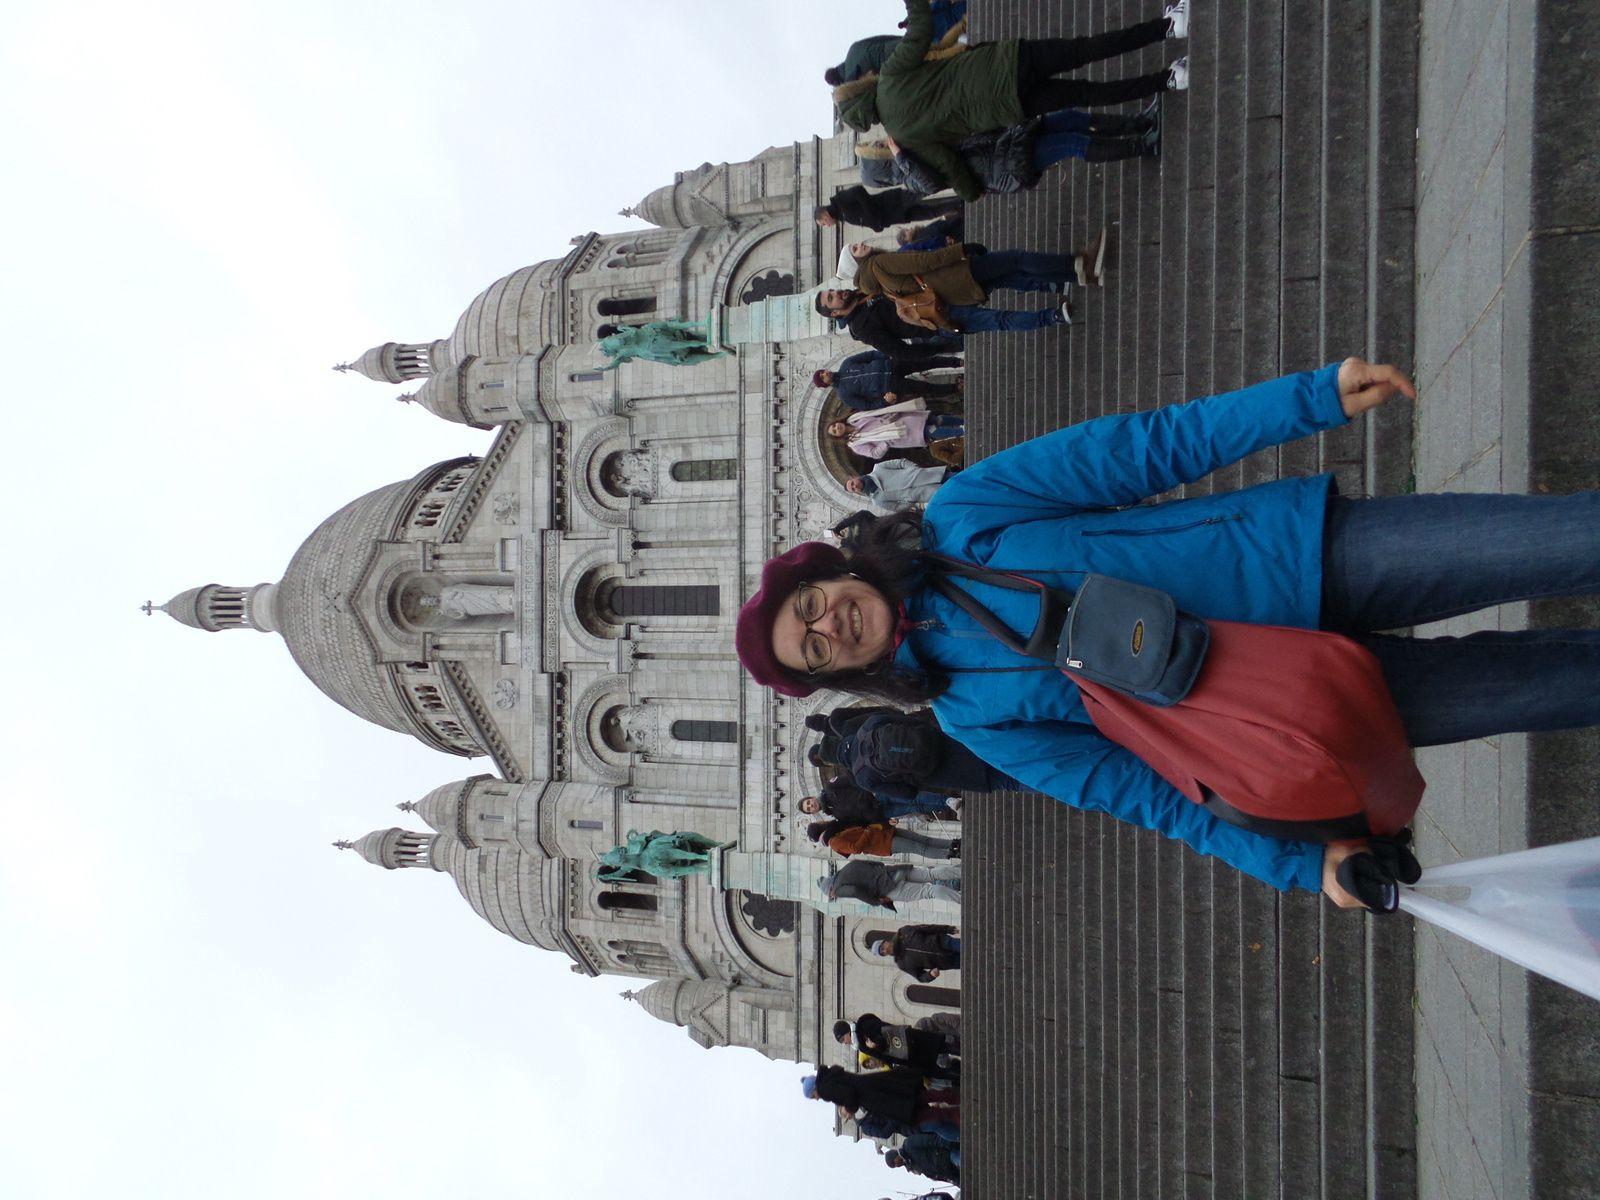 Montmartre, toujours très touristique mais quel charme!